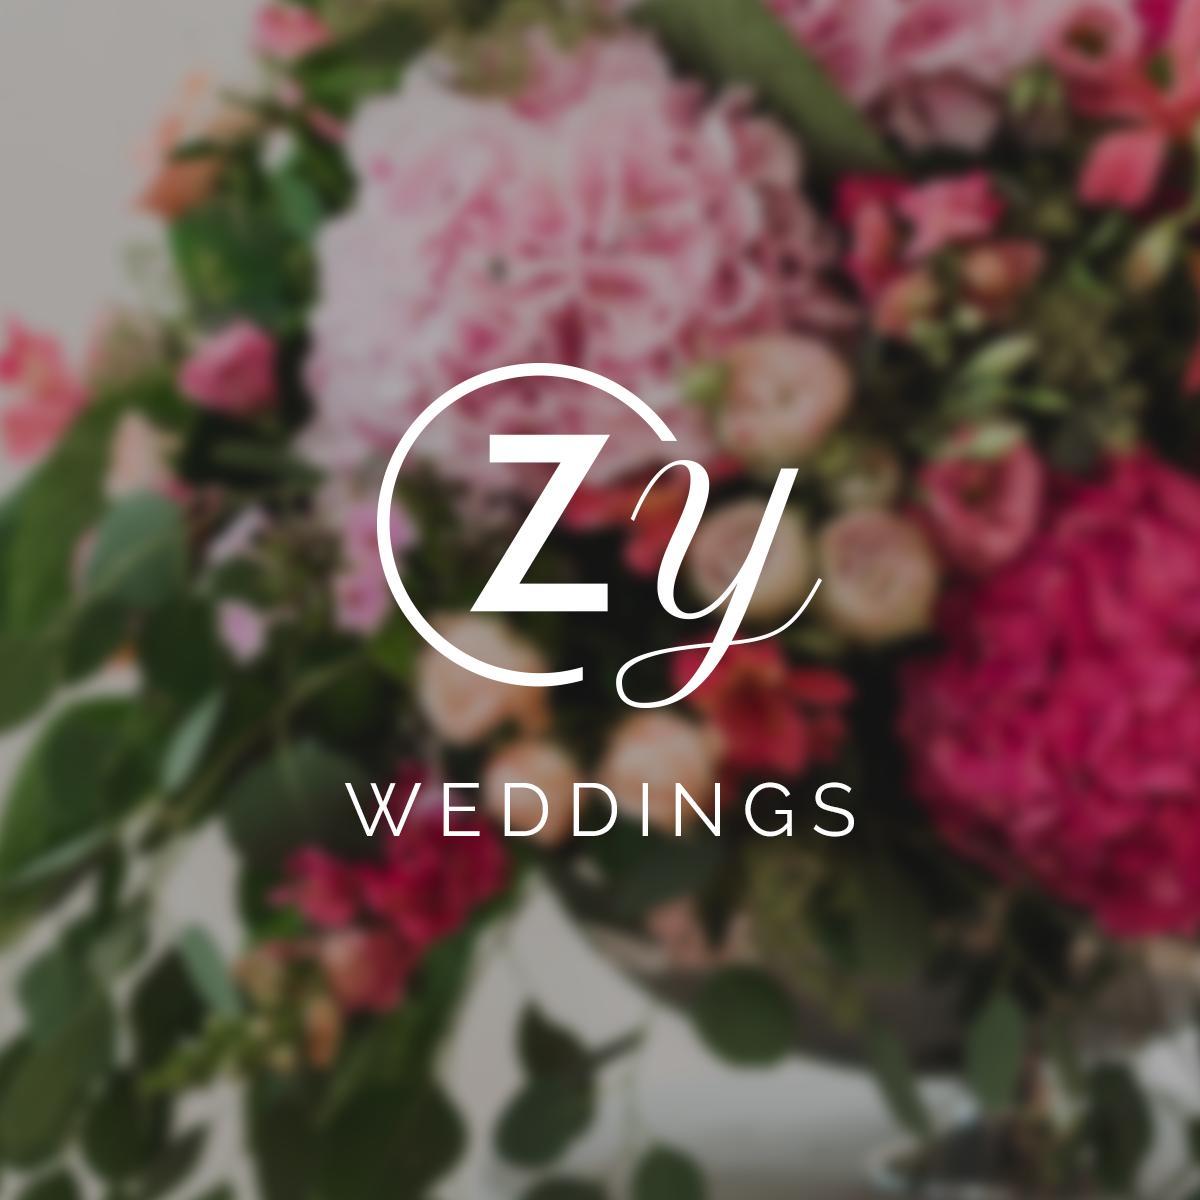 Vielen Dank http://buff.ly/31I7fRu für den tollen Artikel zum Thema Rituale bei freien Trauungen und dass ich dabei sein durfte. #freieTrauung #Hochzeit #liebe #ehe #freierednerin #liebekenntkeinegrenzen #emotionen #trauung #eheversprechen #hochzeitsfeierpic.twitter.com/kyDqEv1coa